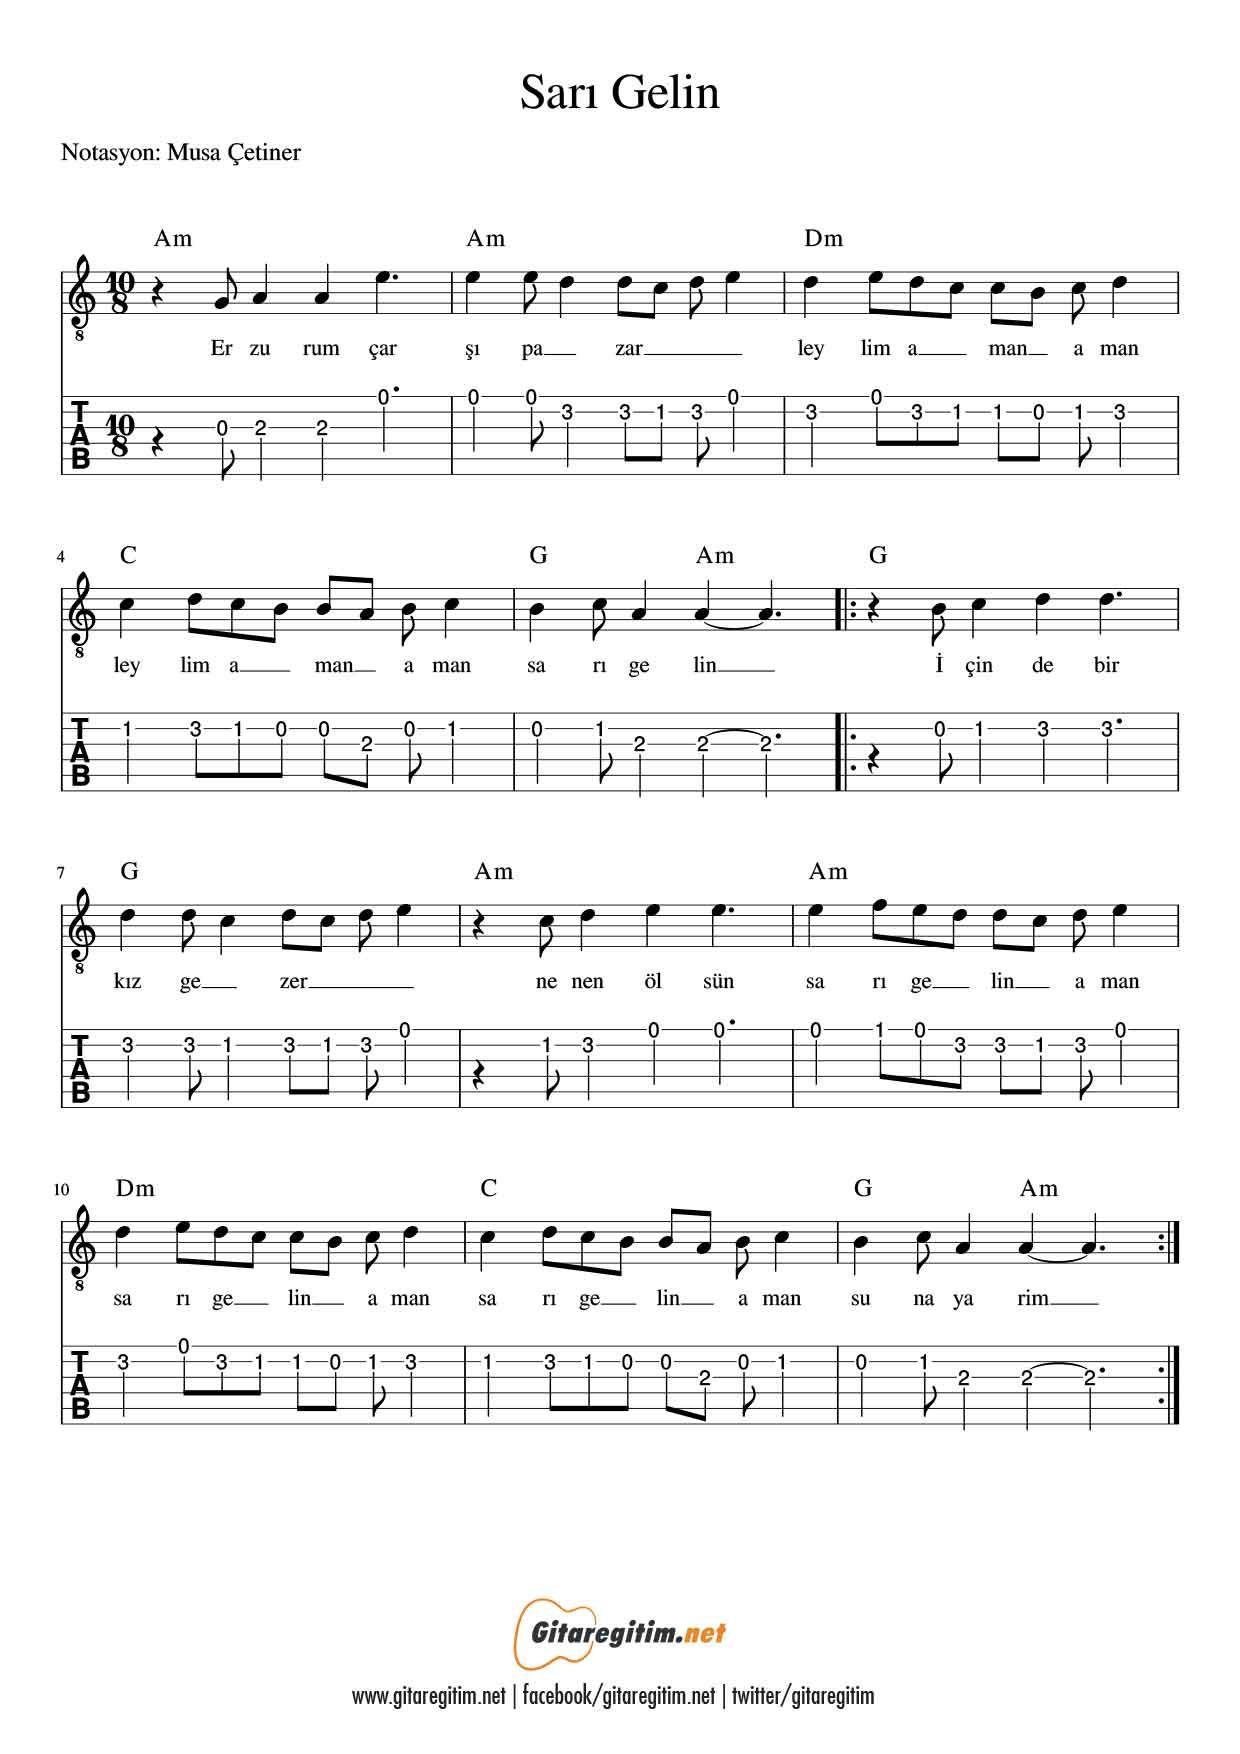 Sari Gelin Gitar Nota Tab Gitaregitim Net Sarisin Gelin Ucretsiz Notalar Notalara Dokulmus Muzik